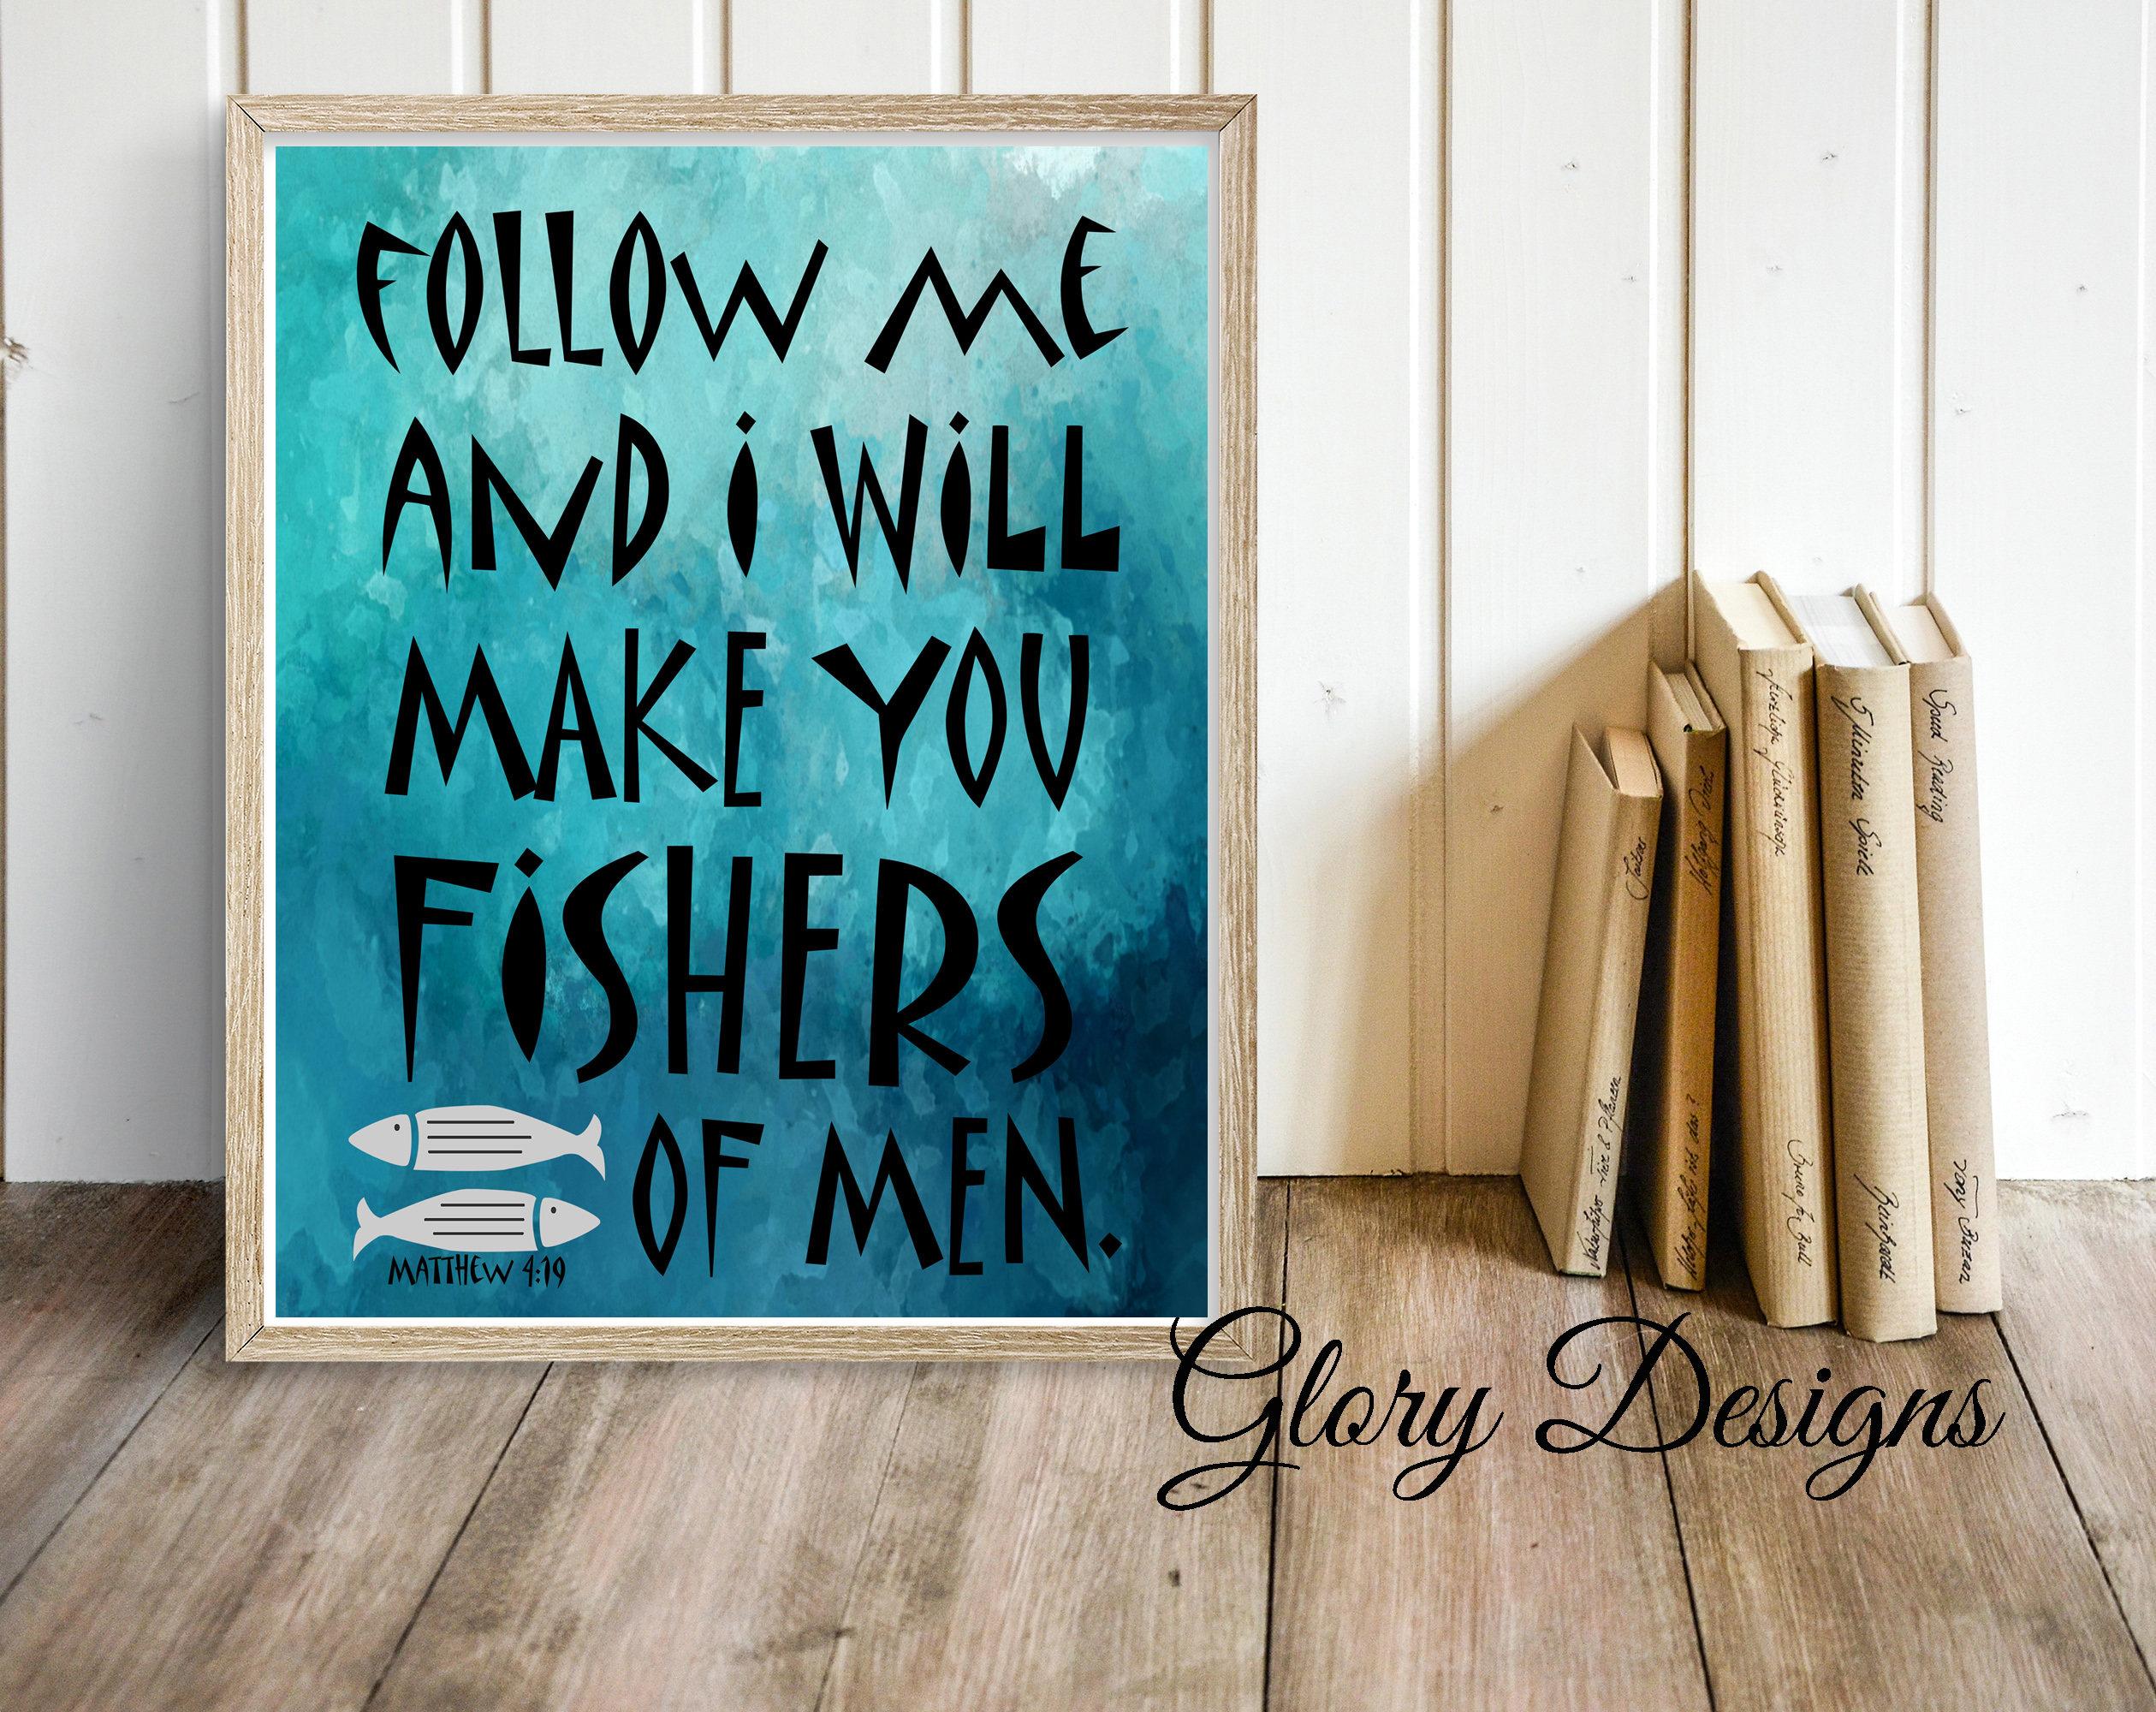 Imprimible siga me haré pescadores de hombres para imprimir | Etsy